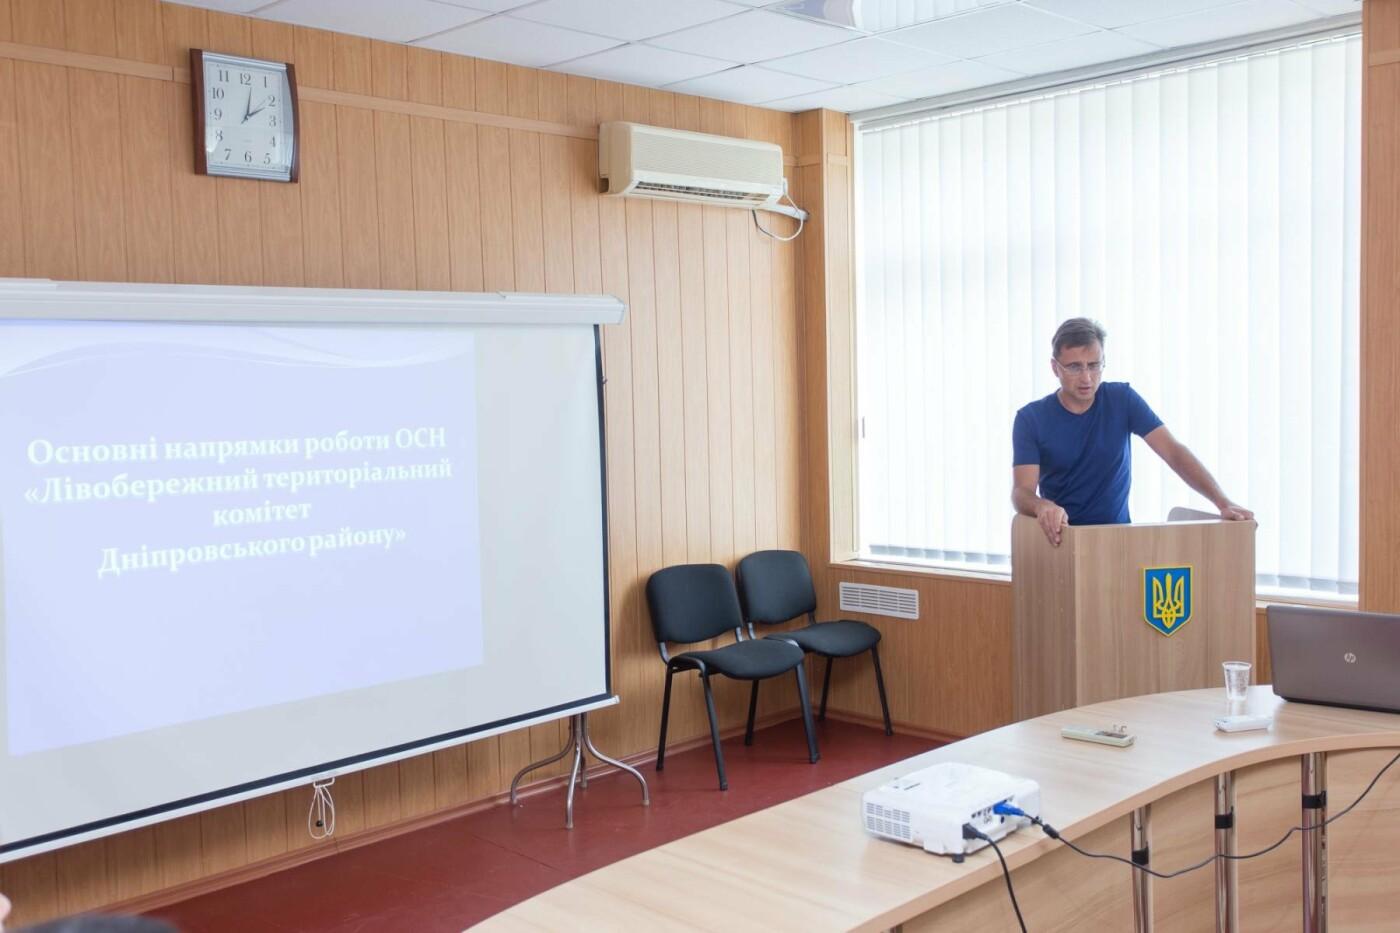 Итоги работы и планы: в Каменском заседали главы органов самоорганизации населения Днепровского района, фото-1